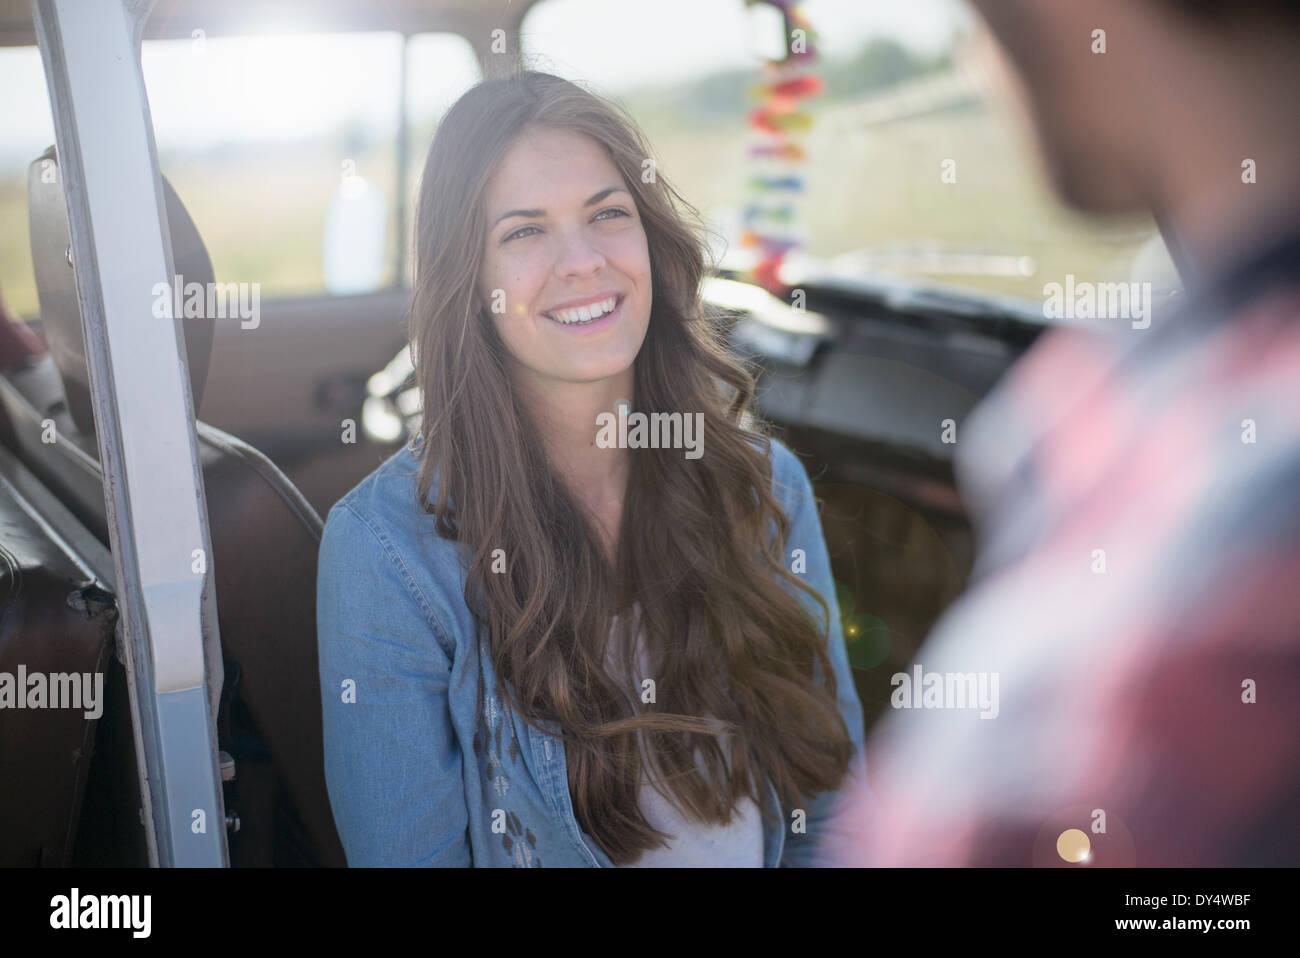 Jeune femme avec de longs cheveux bruns, smiling Photo Stock